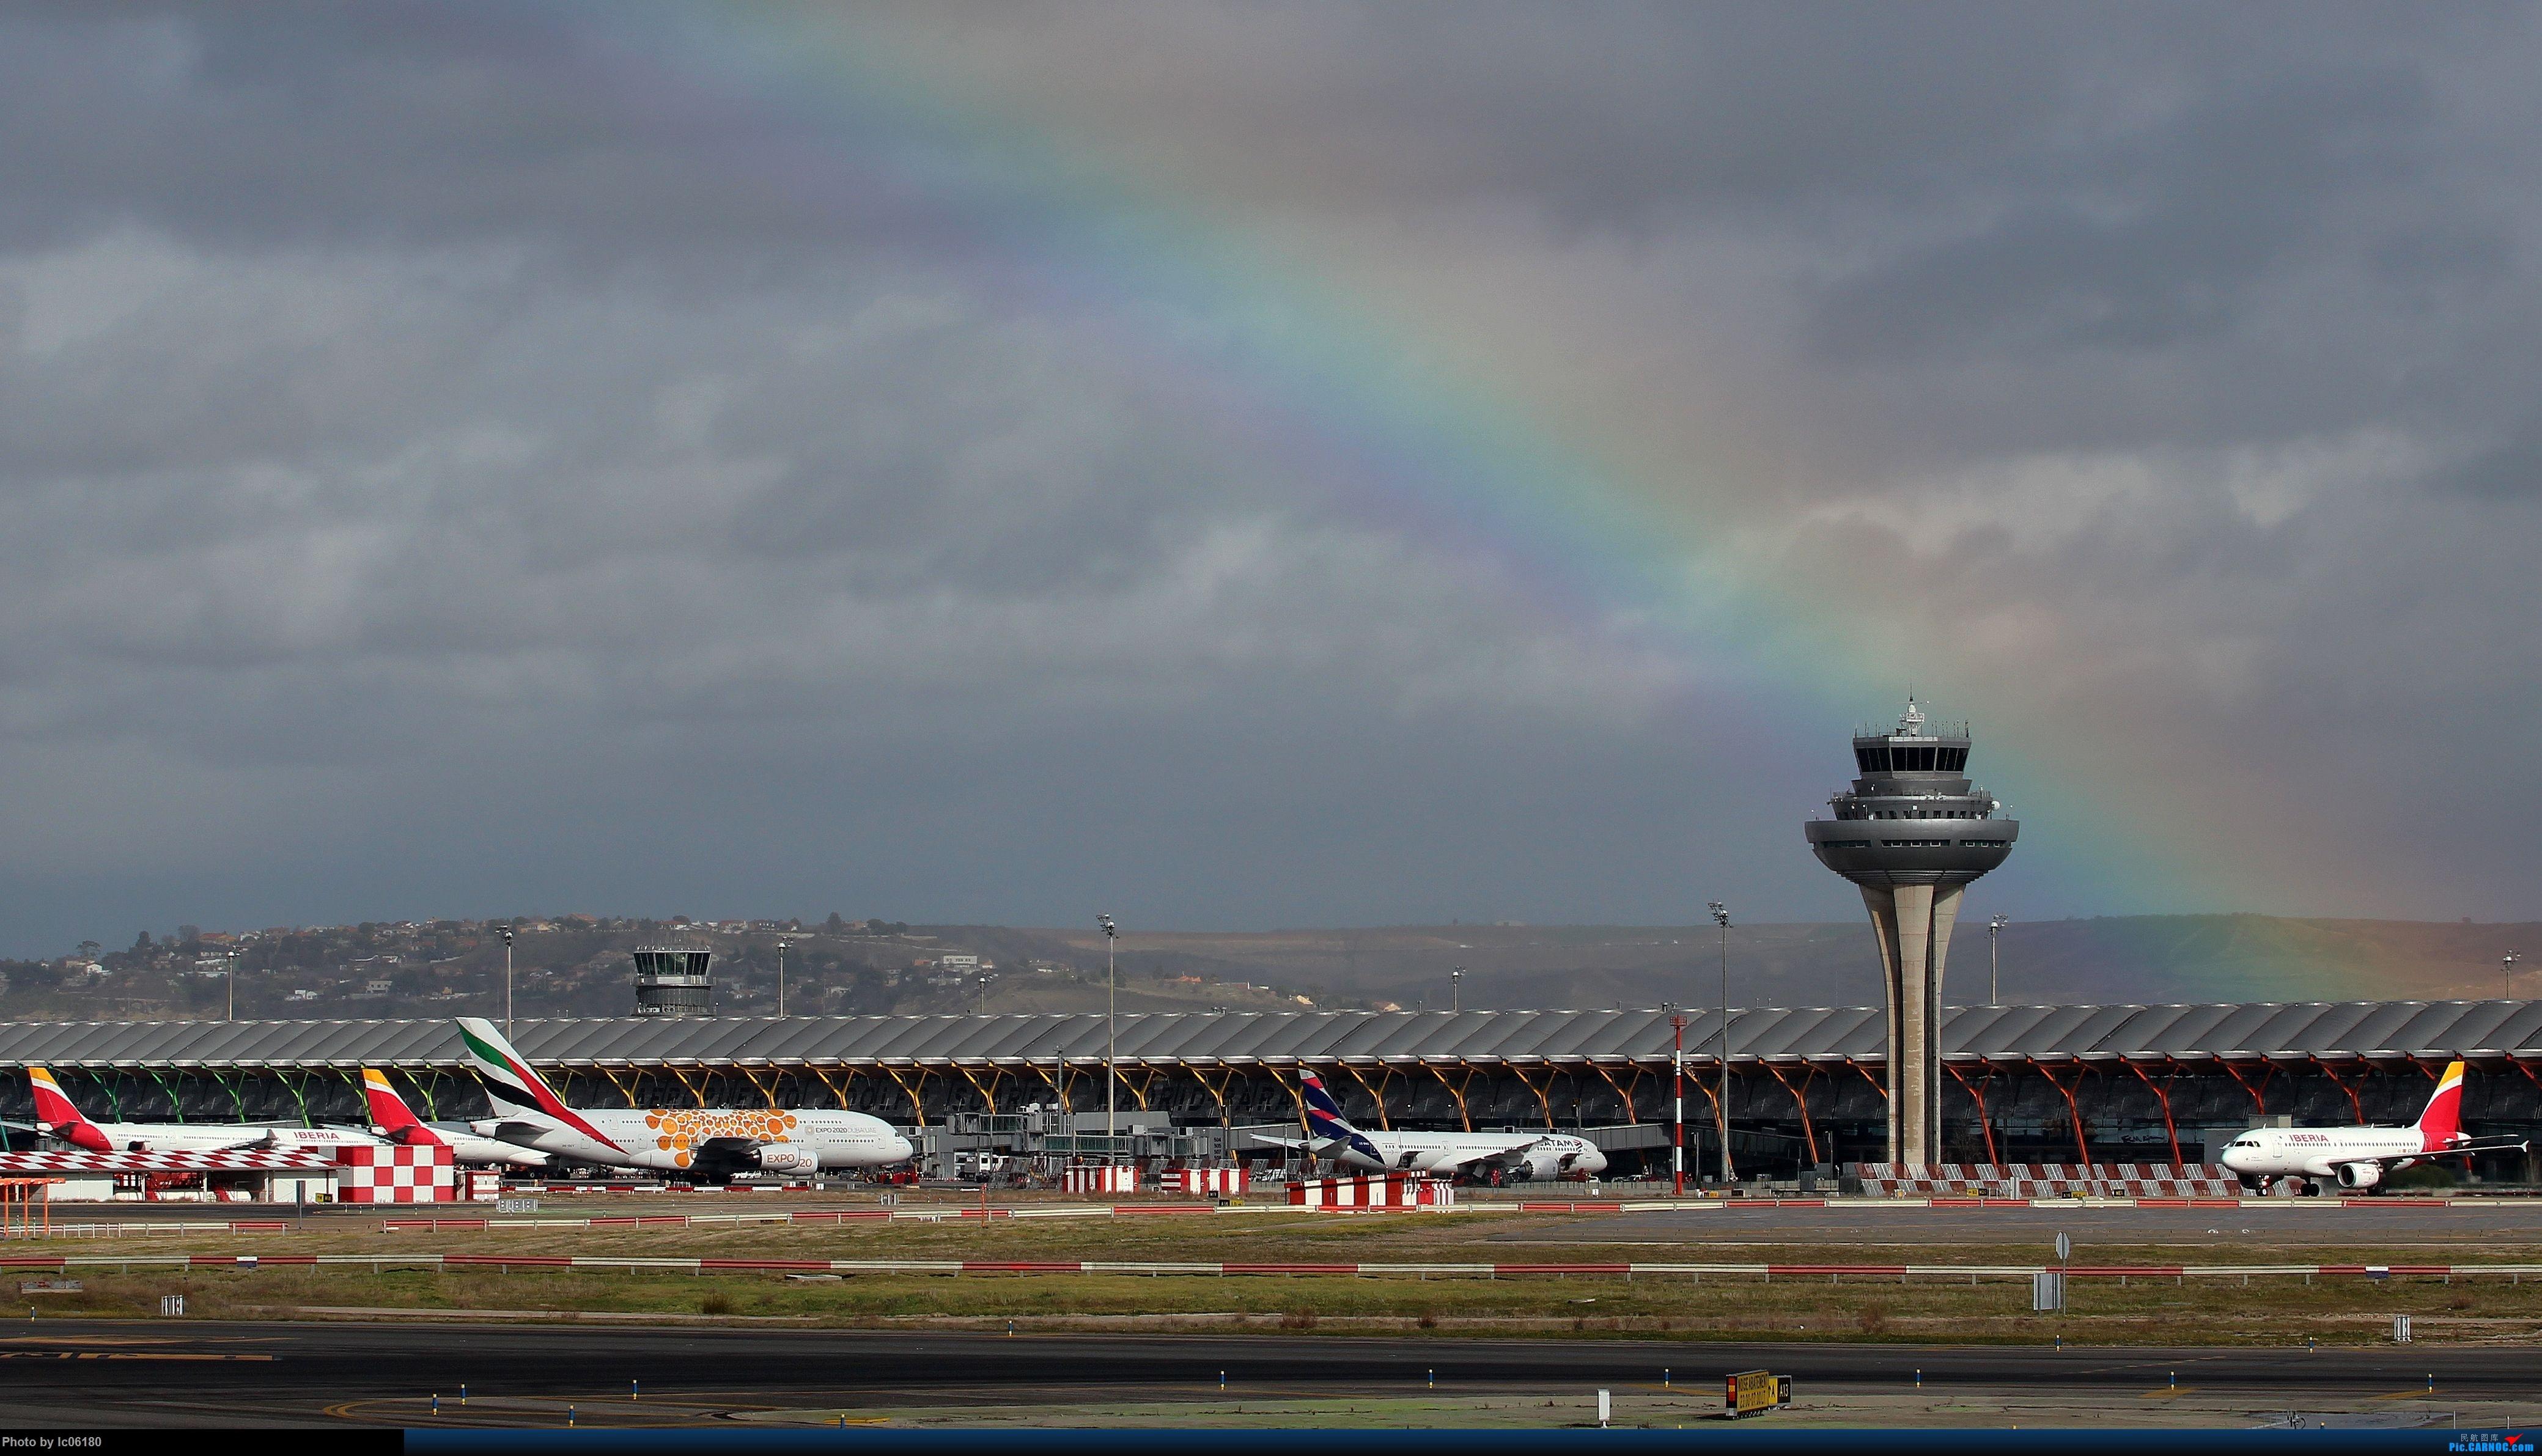 Re:『lc06180』彩虹下的马德里机场&古巴航空IL96    西班牙马德里机场